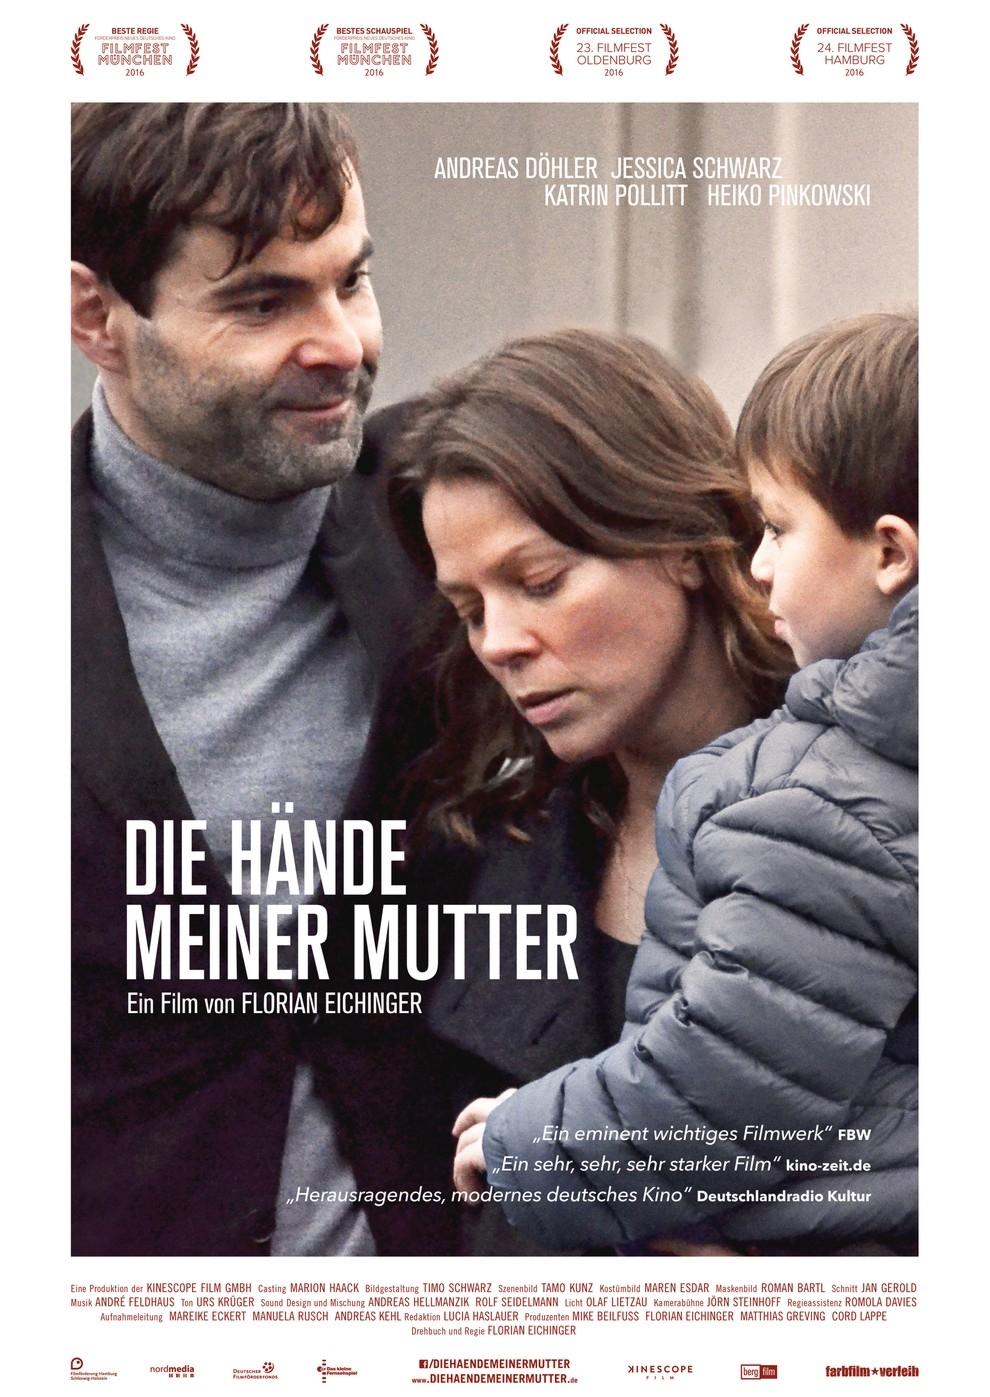 Die Hände meiner Mutter (Poster)